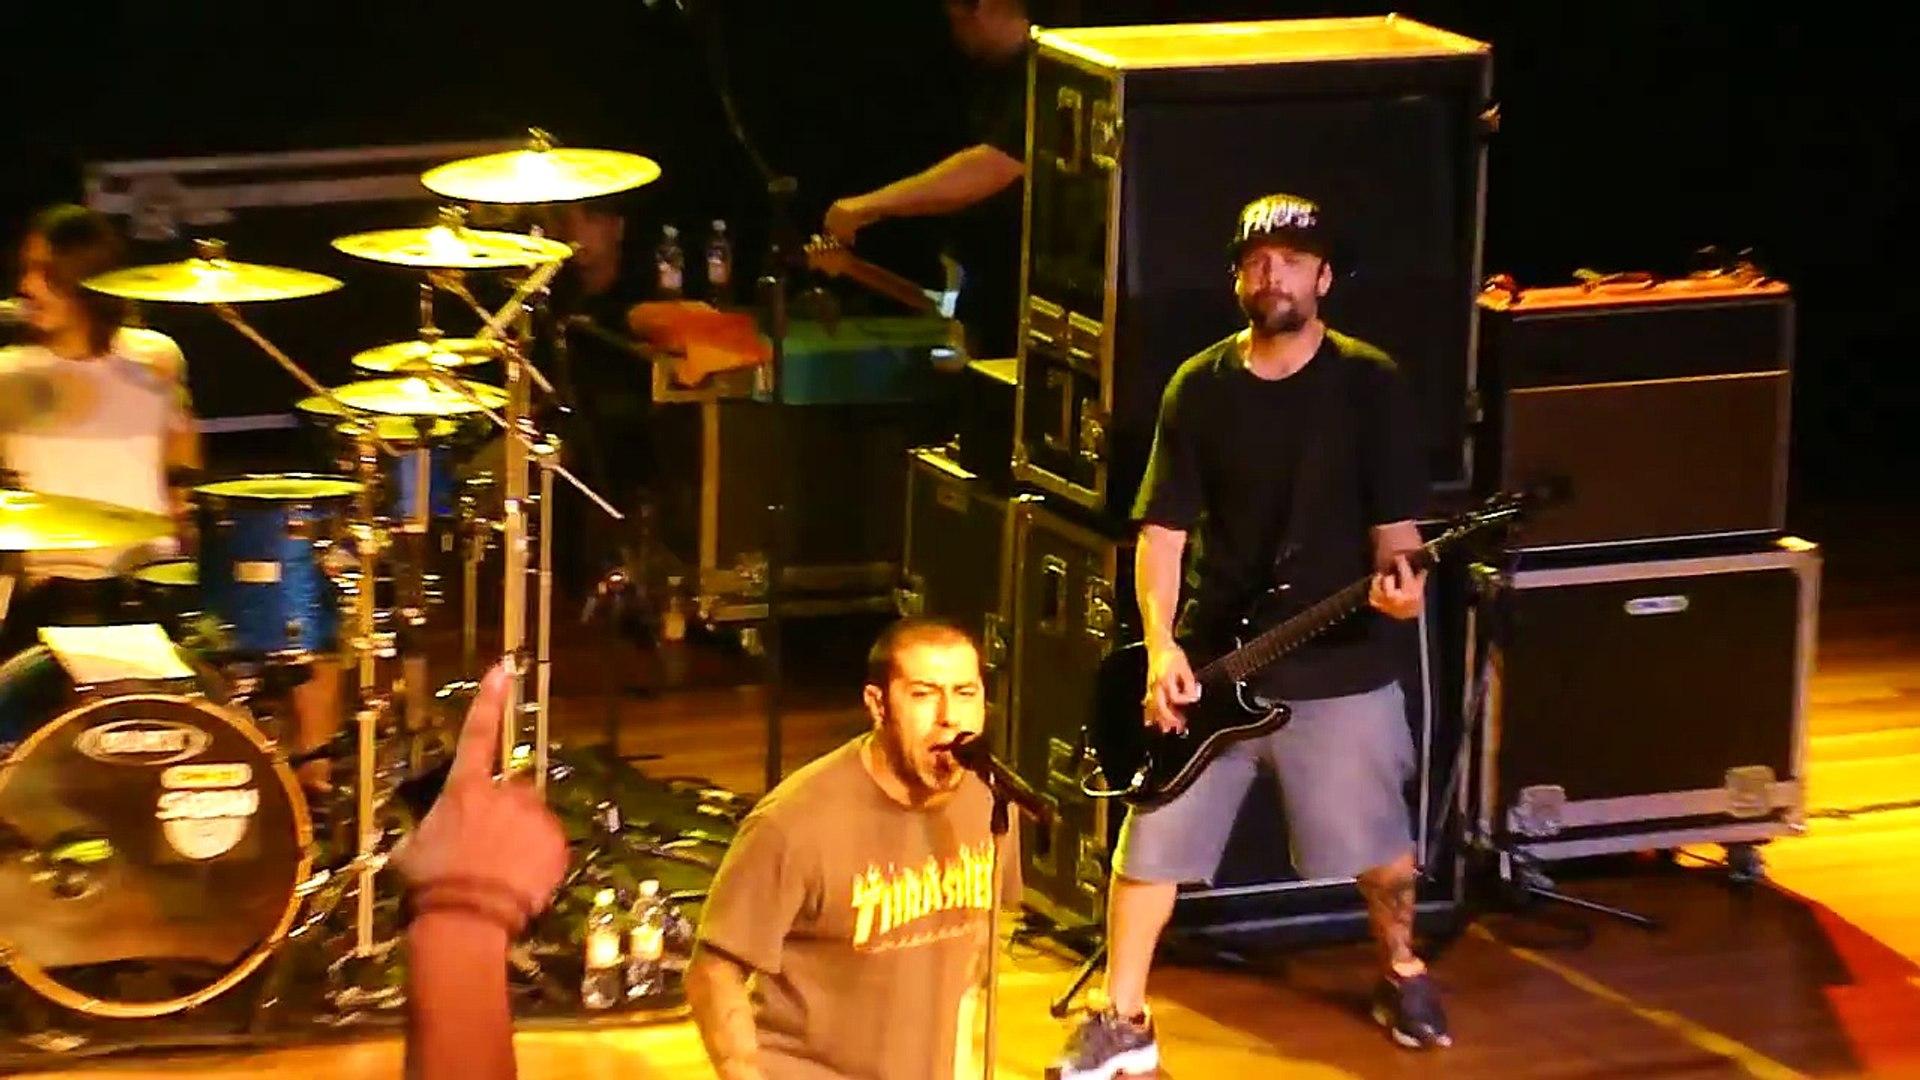 CPM 22 -  Dias Atrás -  CEU Pq. Veredas - 29/09/2011